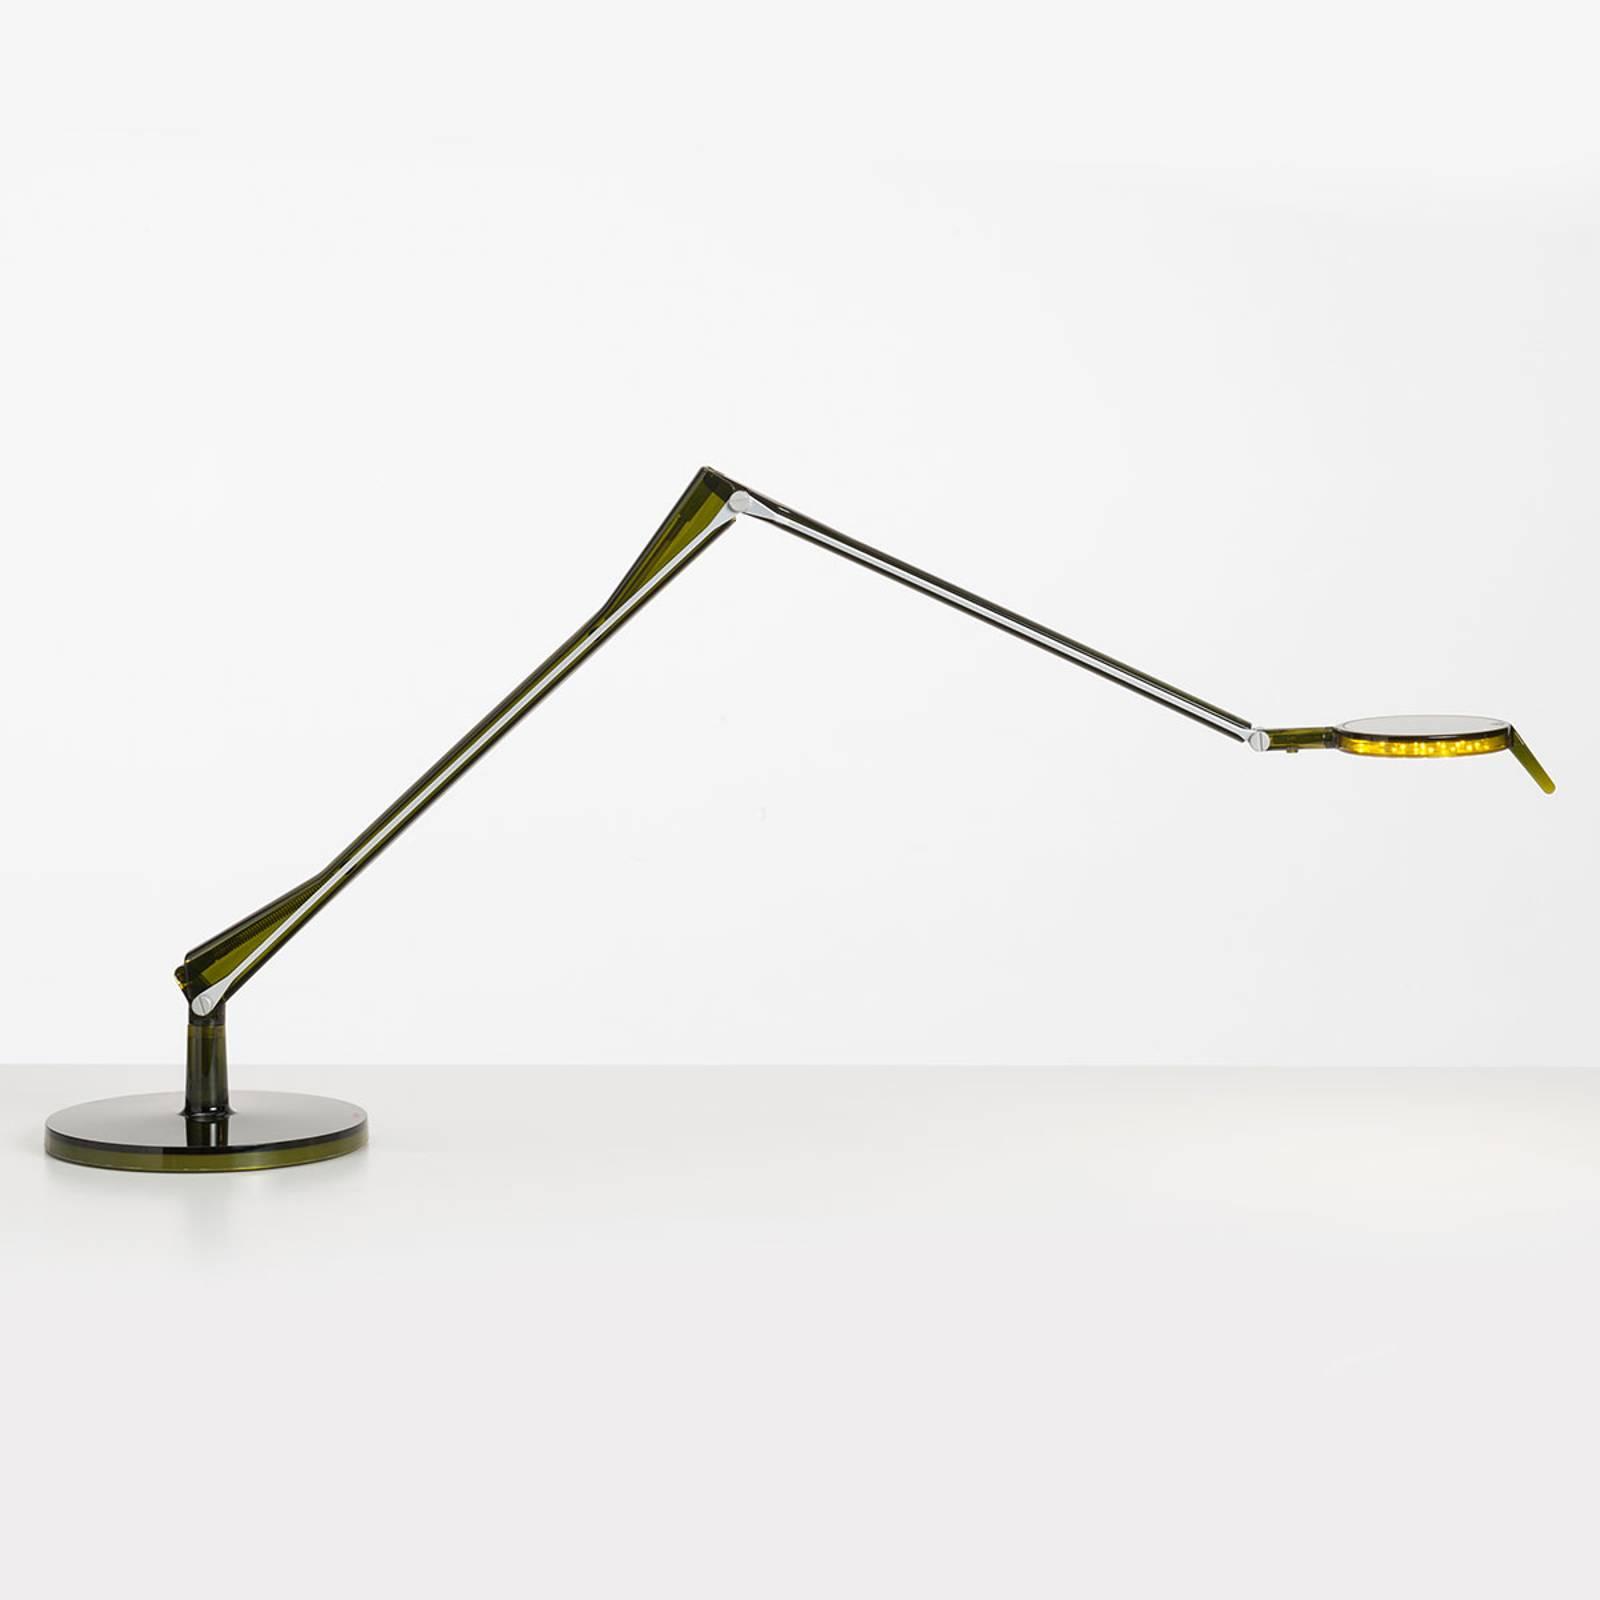 Kartell Aledin Tec lampe à poser LED, verte